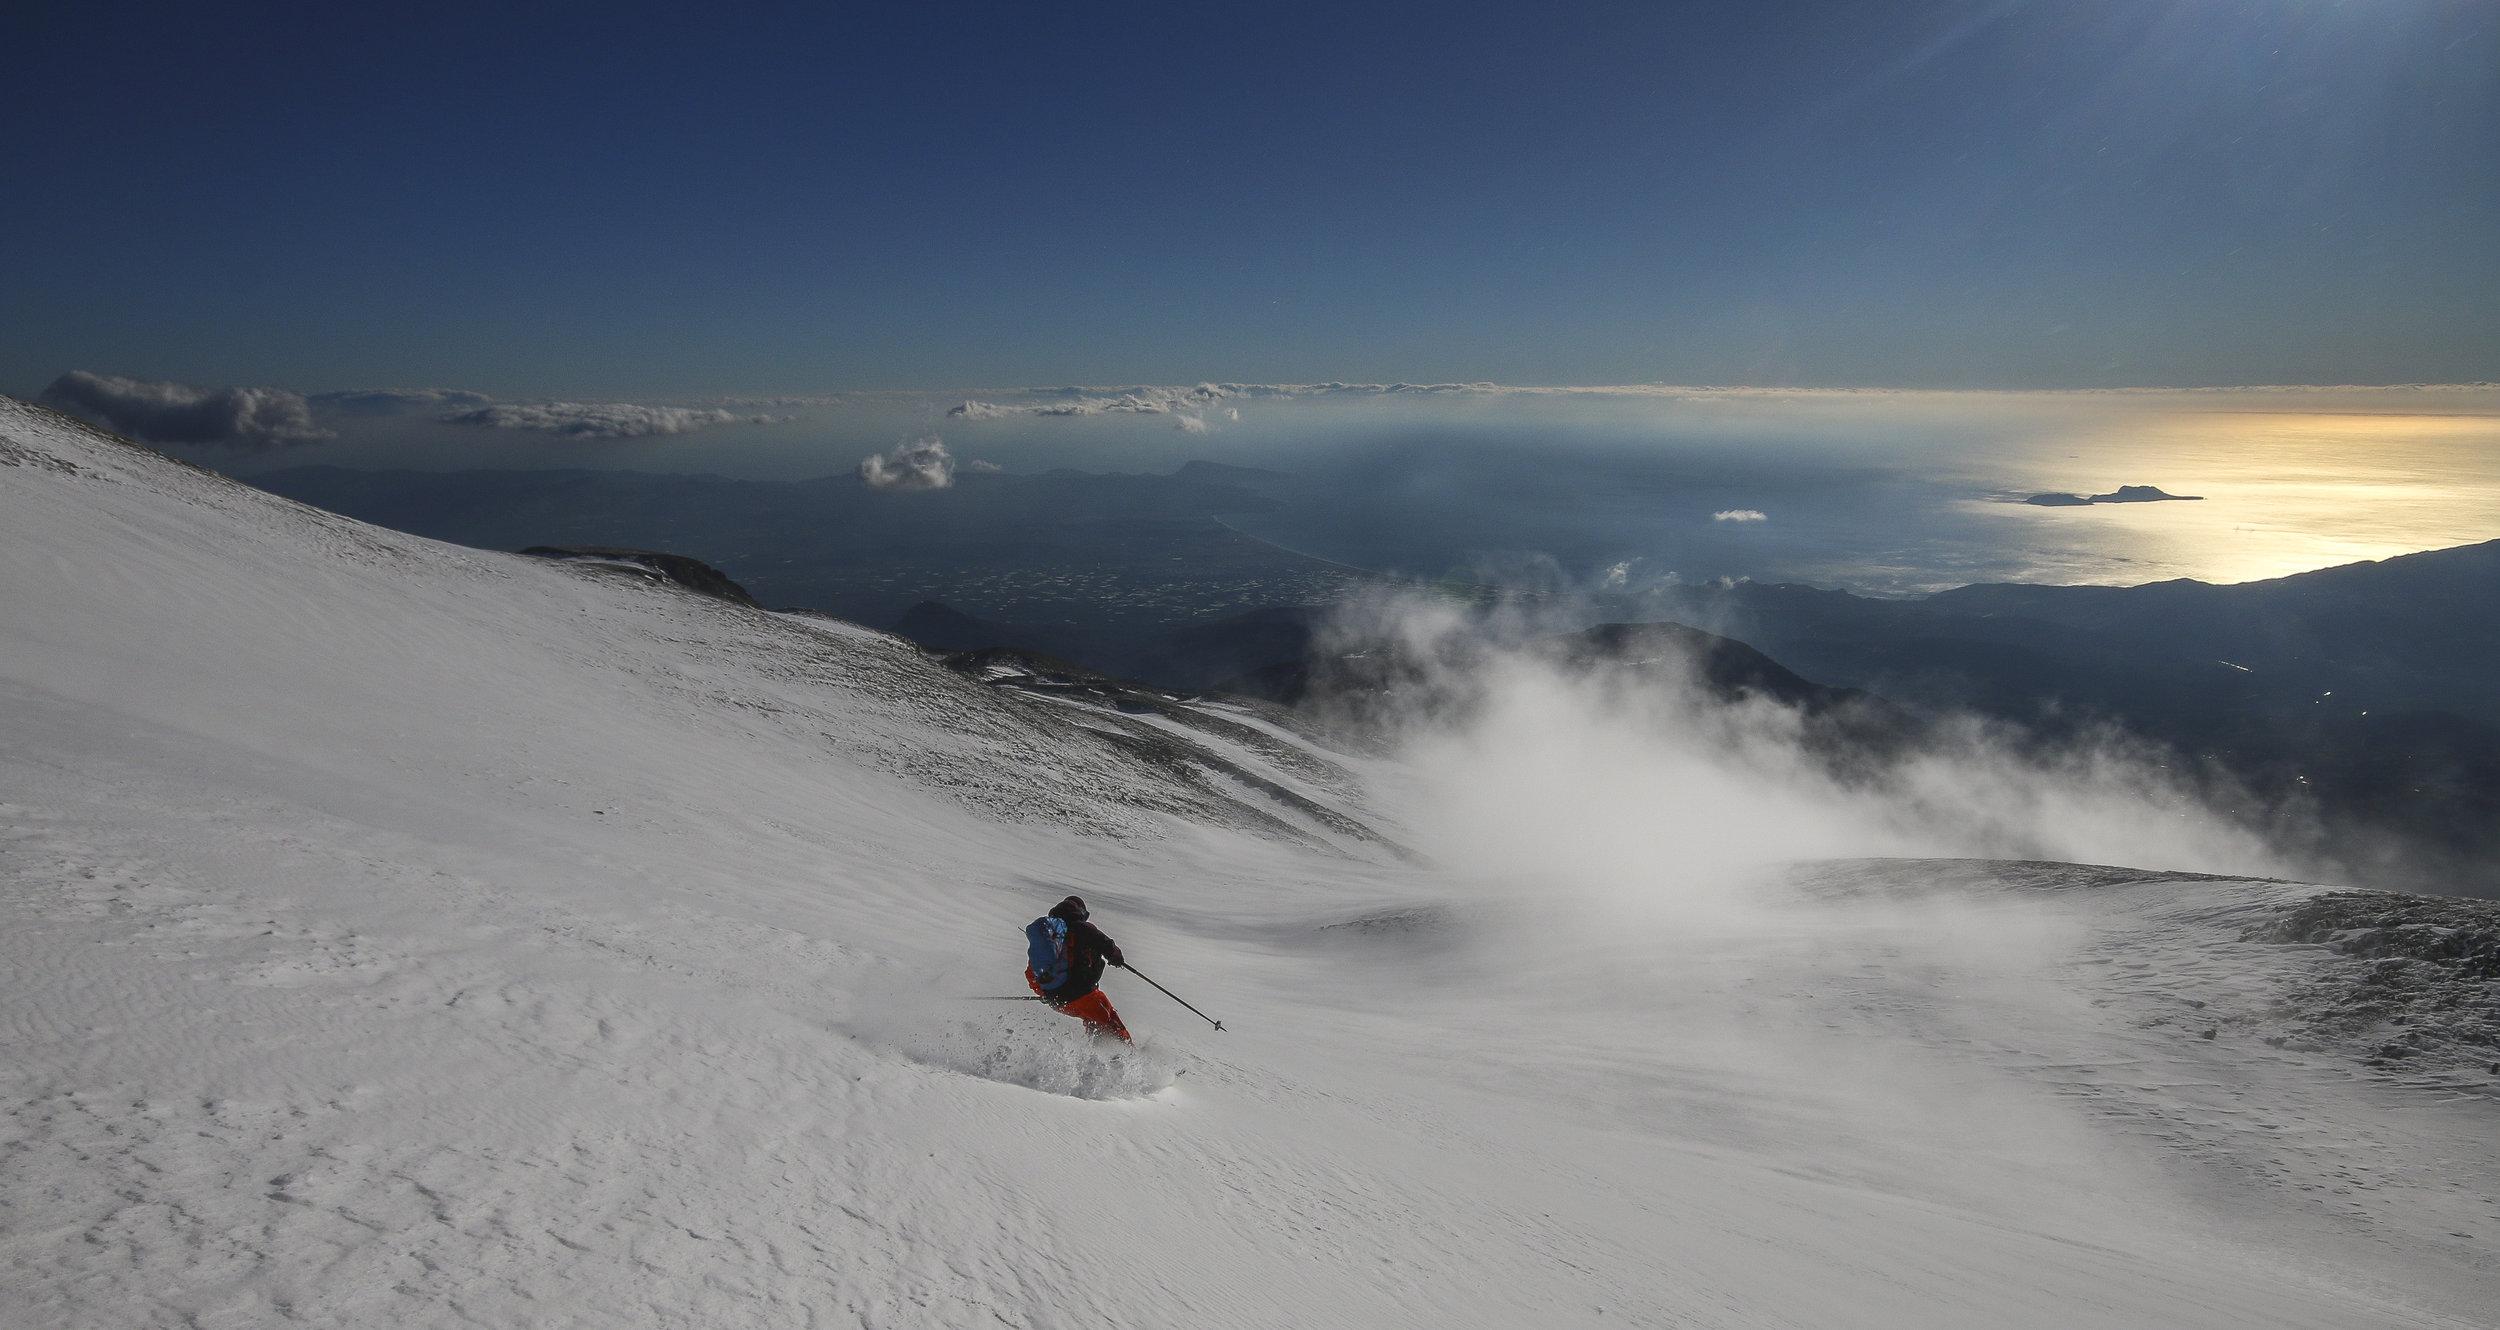 ski de rando au dessus de la mer